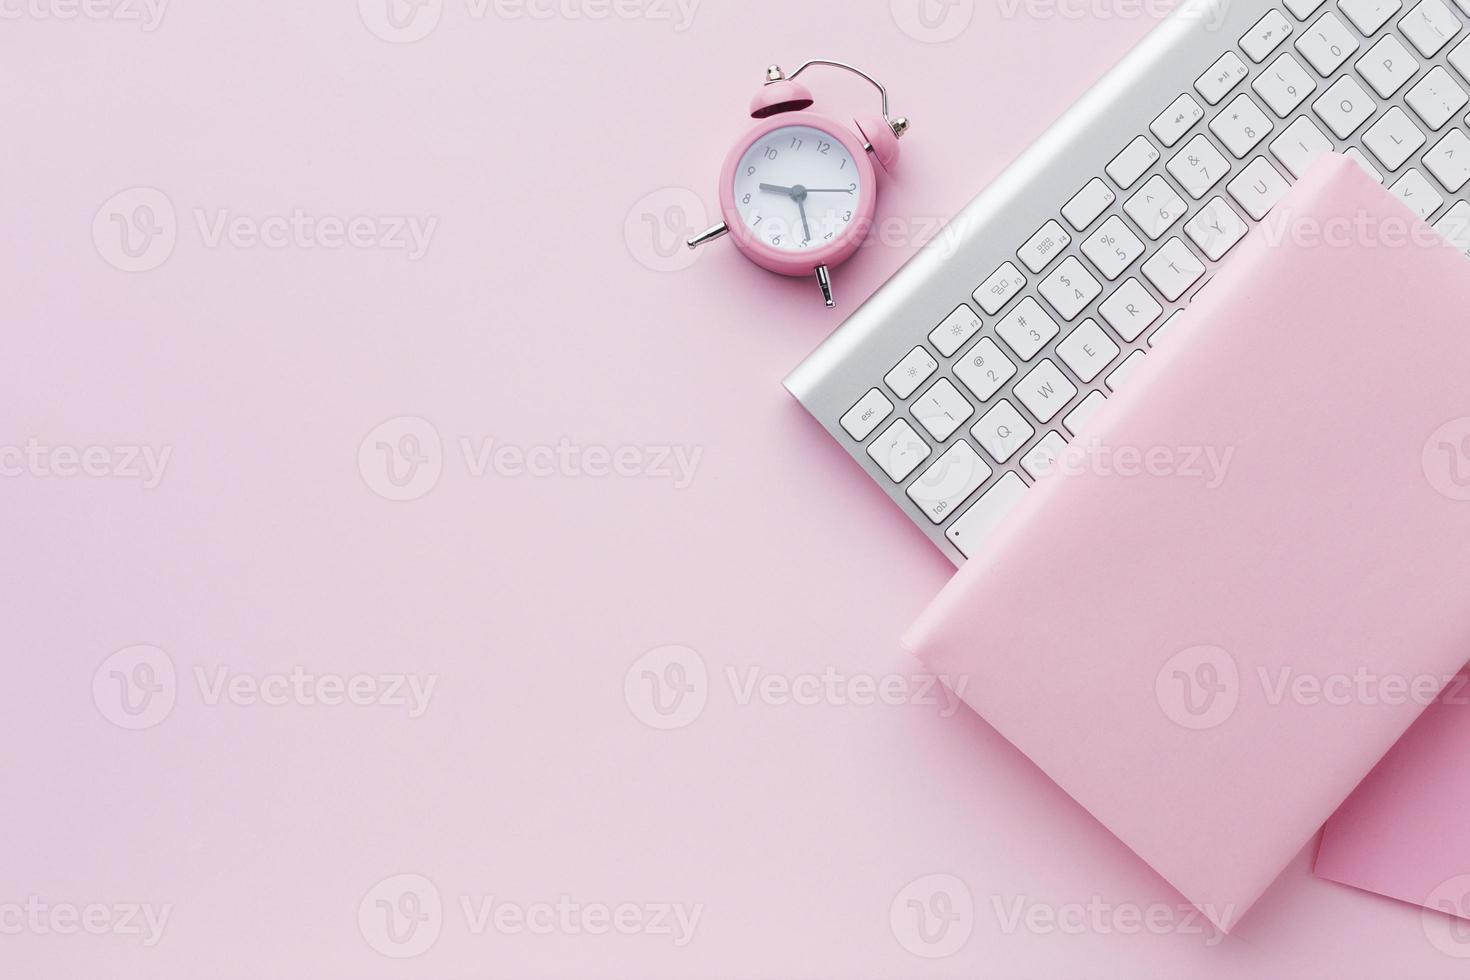 Libro en blanco y teclado con reloj rosa sobre fondo rosa foto